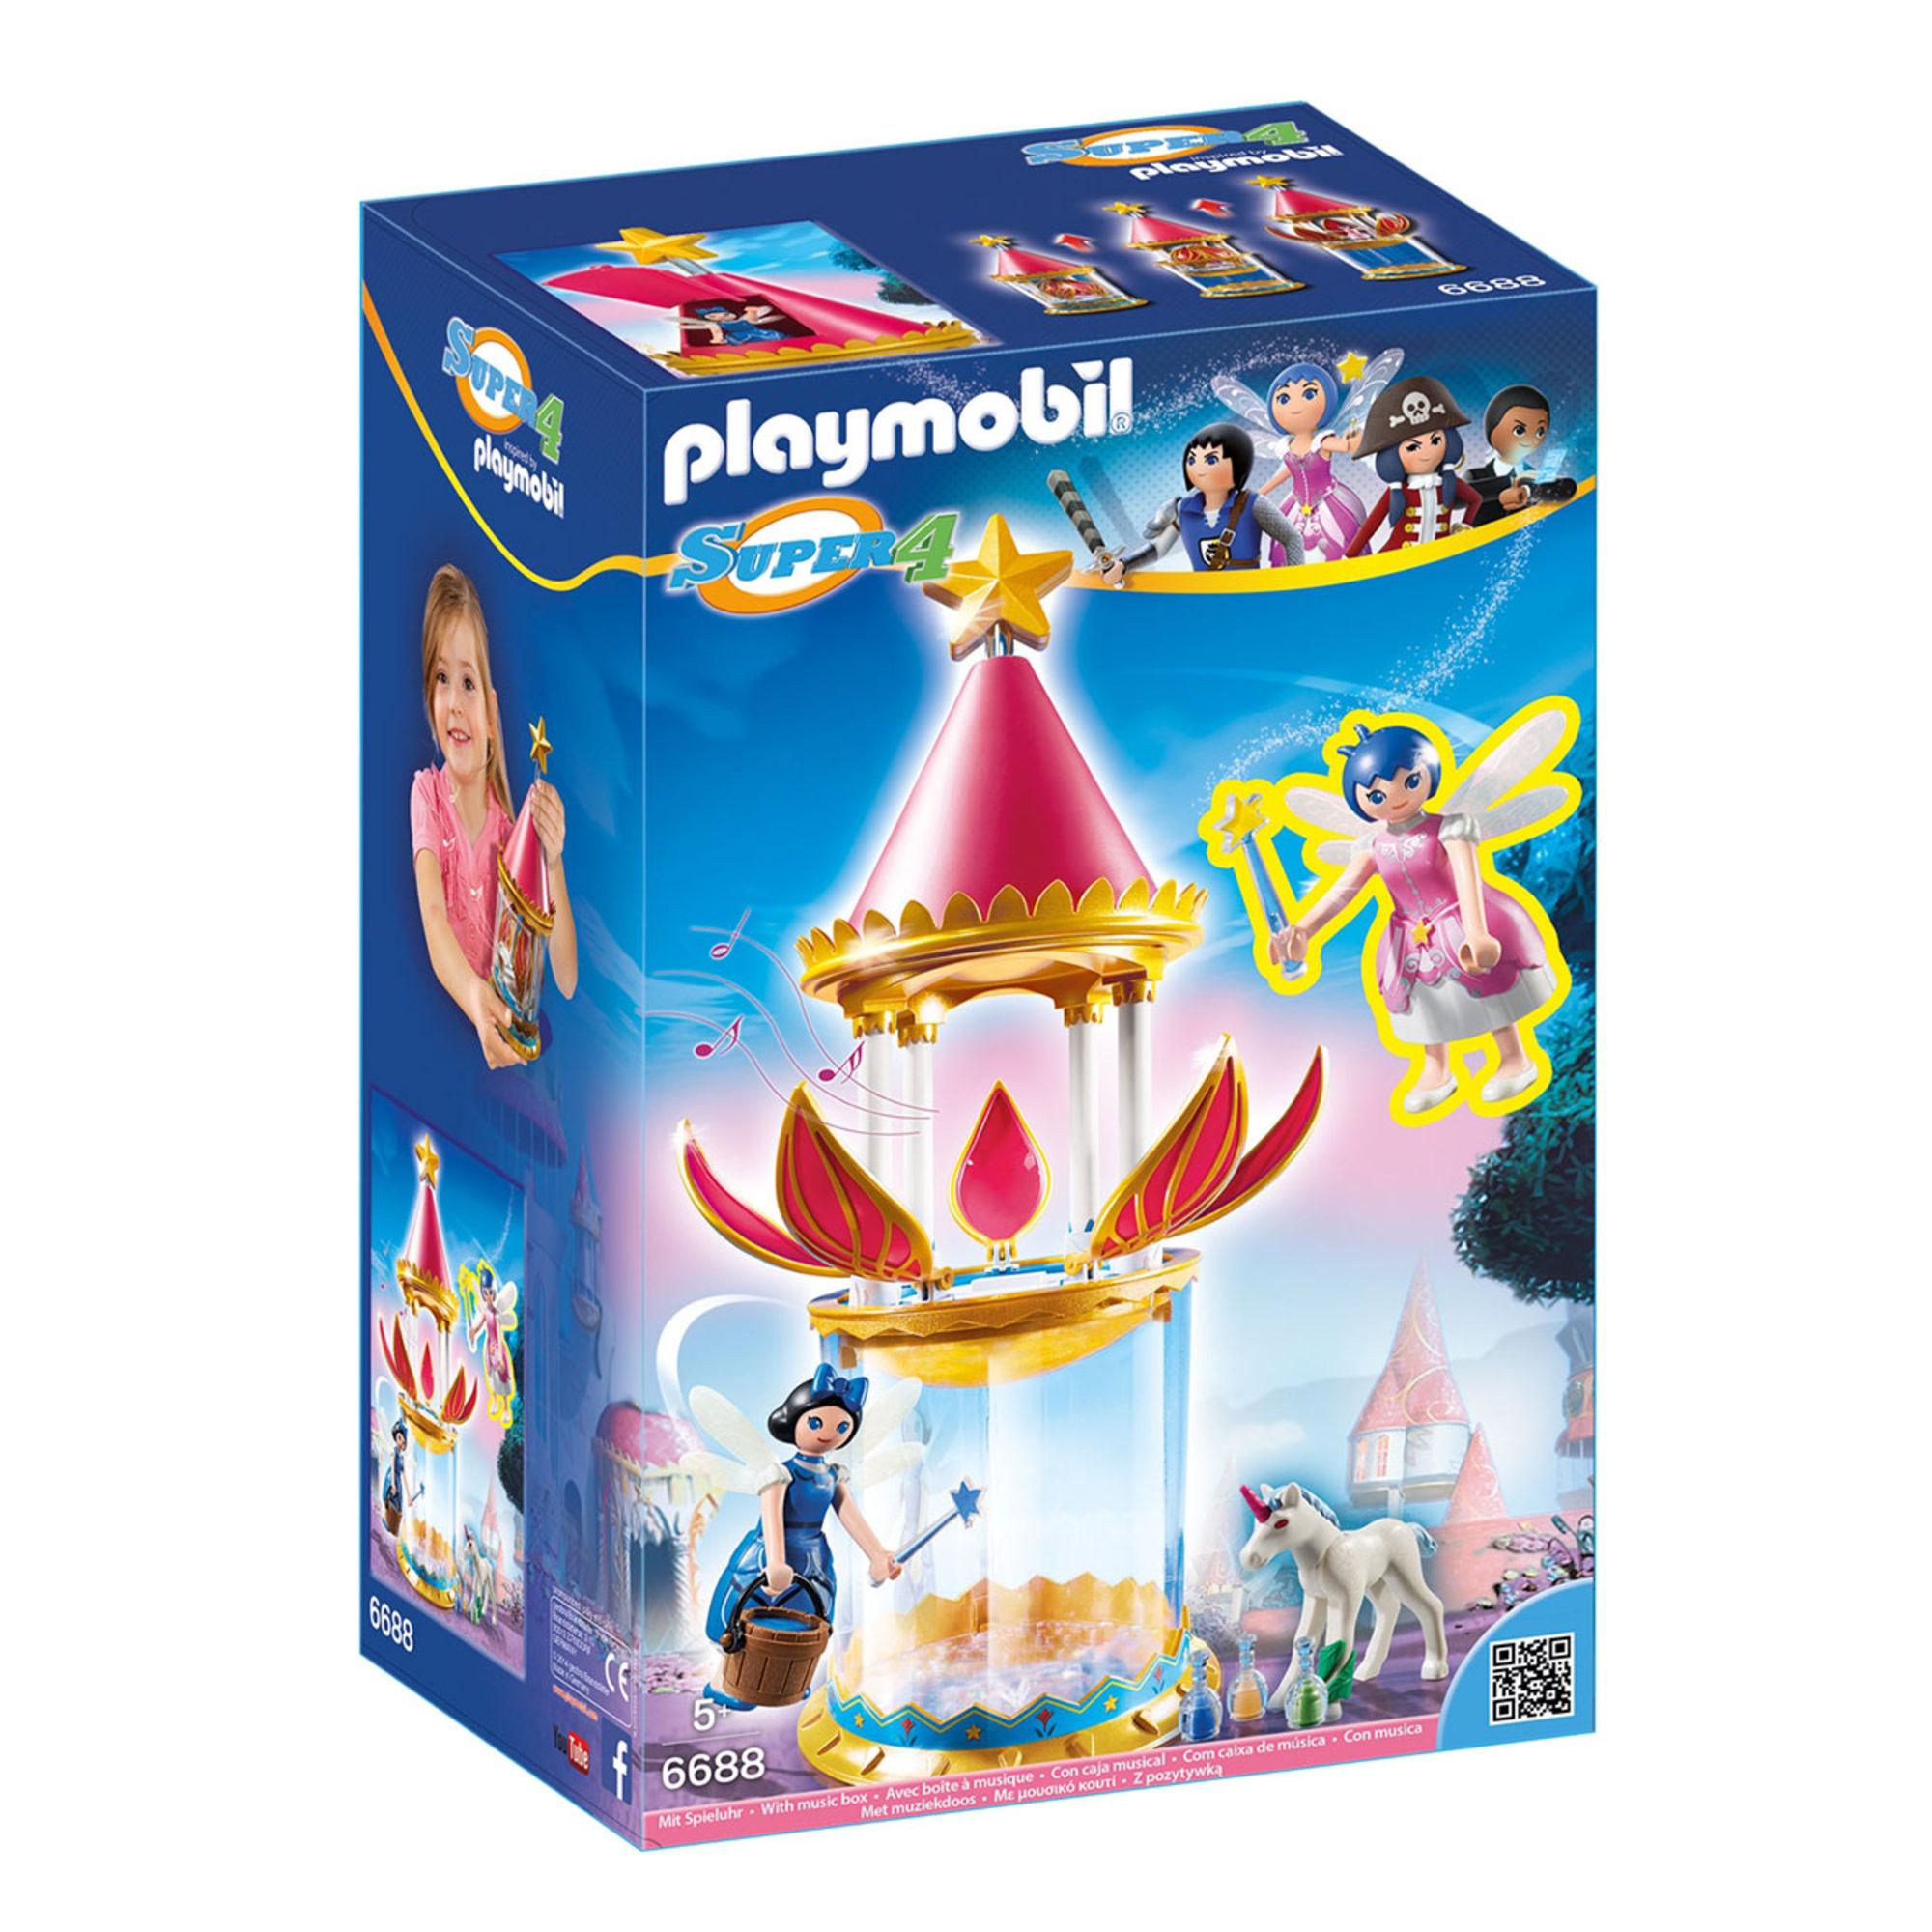 Игровой набор из серии Супер 4 - Цветочная Башня с ТвинклSuper 4<br>Игровой набор из серии Супер 4 - Цветочная Башня с Твинкл<br>